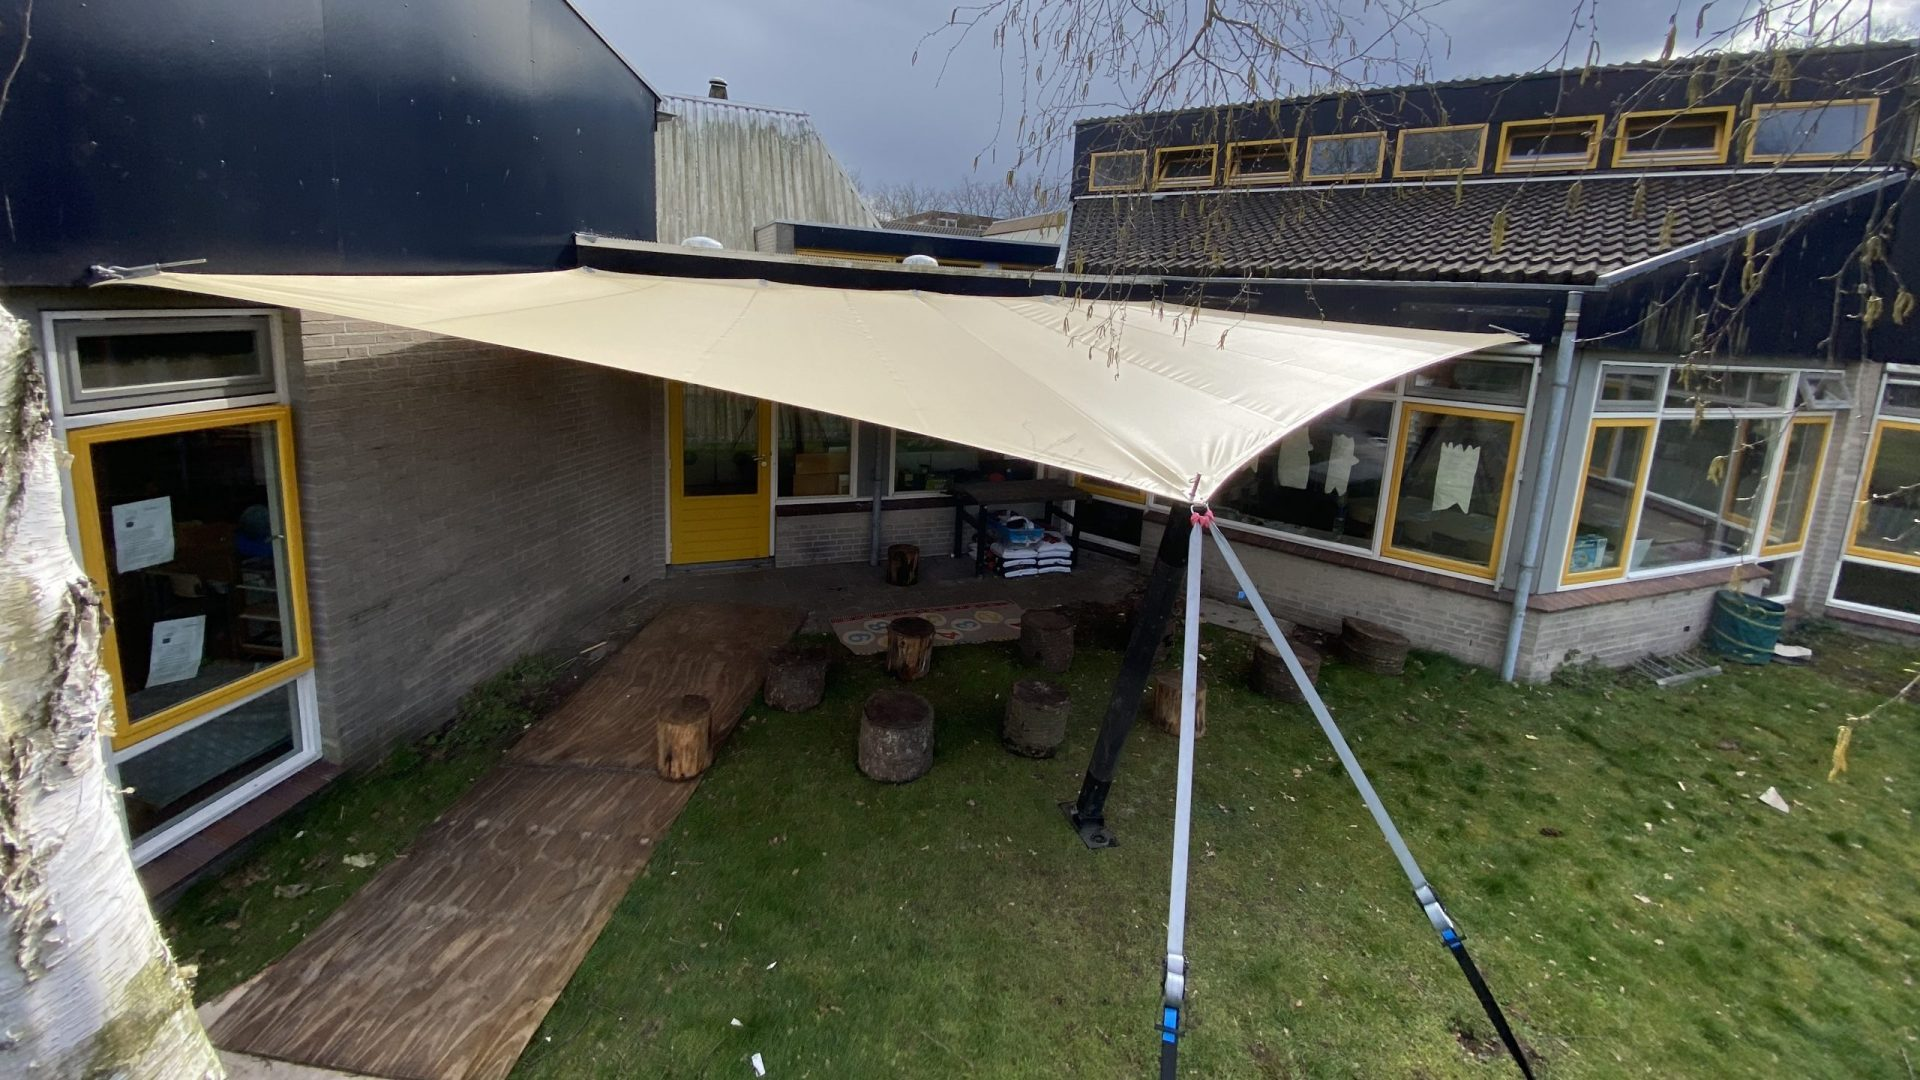 EPIC Living Garden Shelters - Kew shelter 2